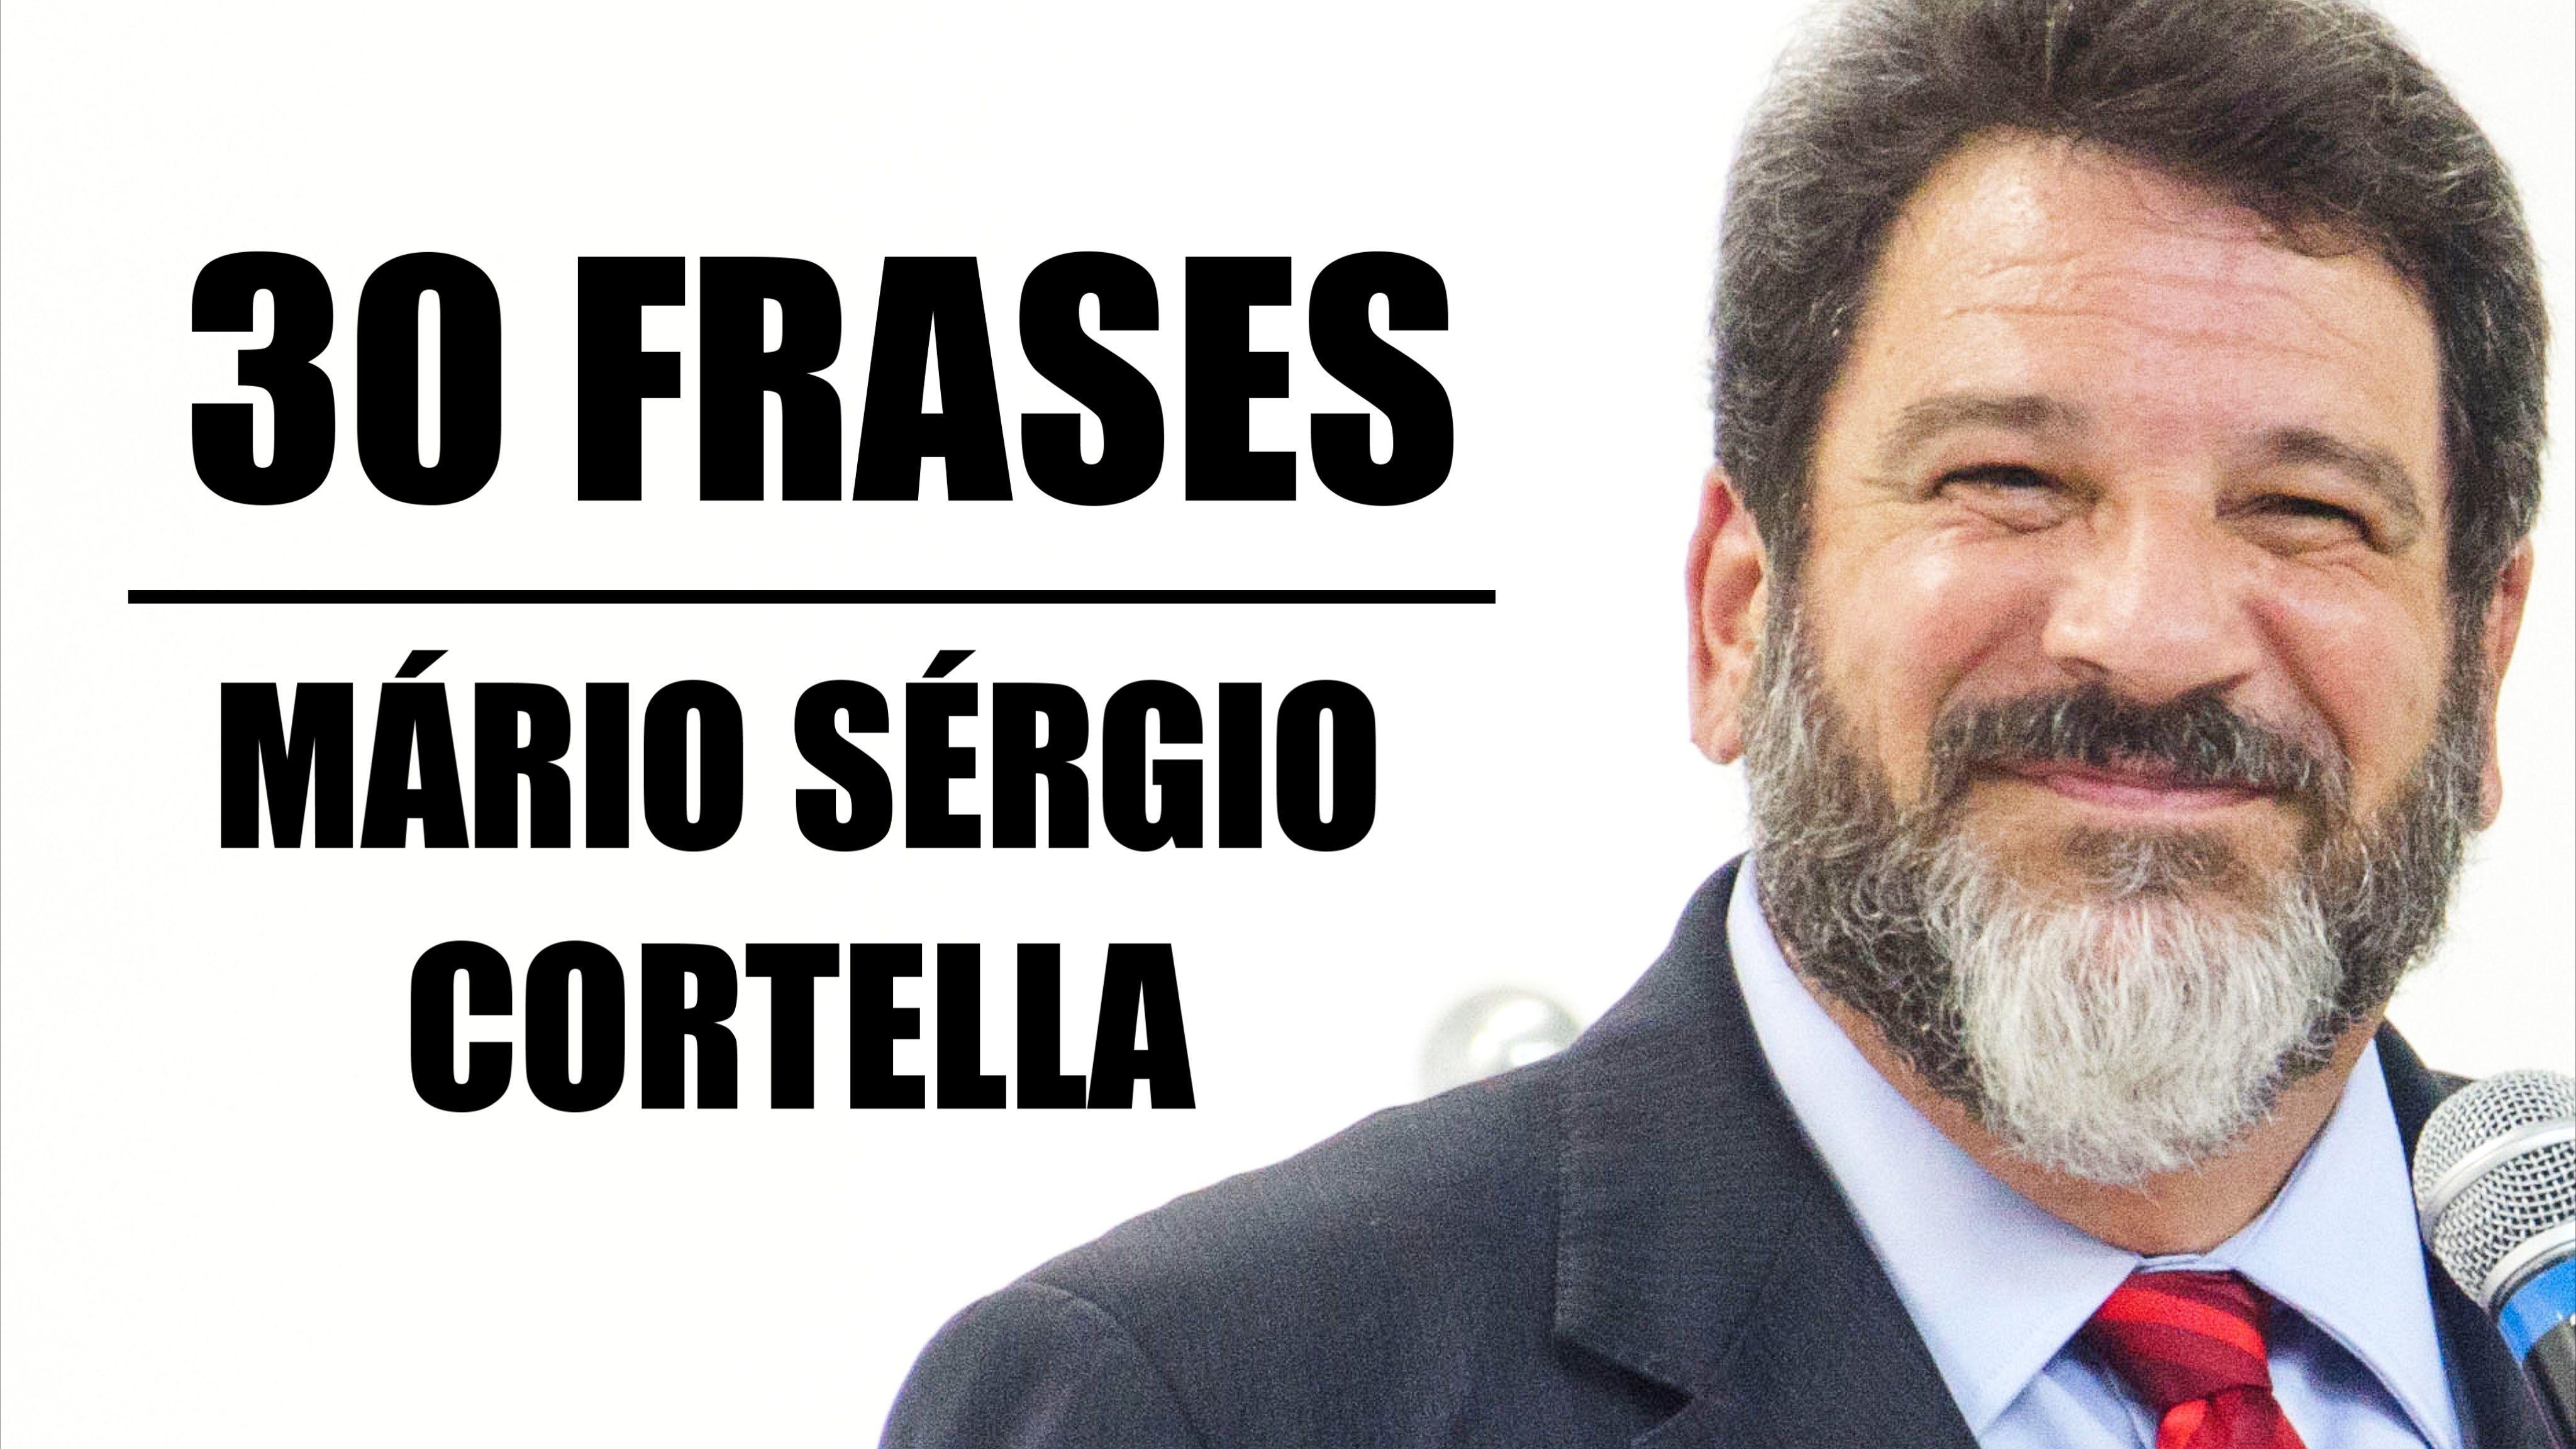 30 Frases De Mário Sérgio Cortella Que São Incríveis Cortella